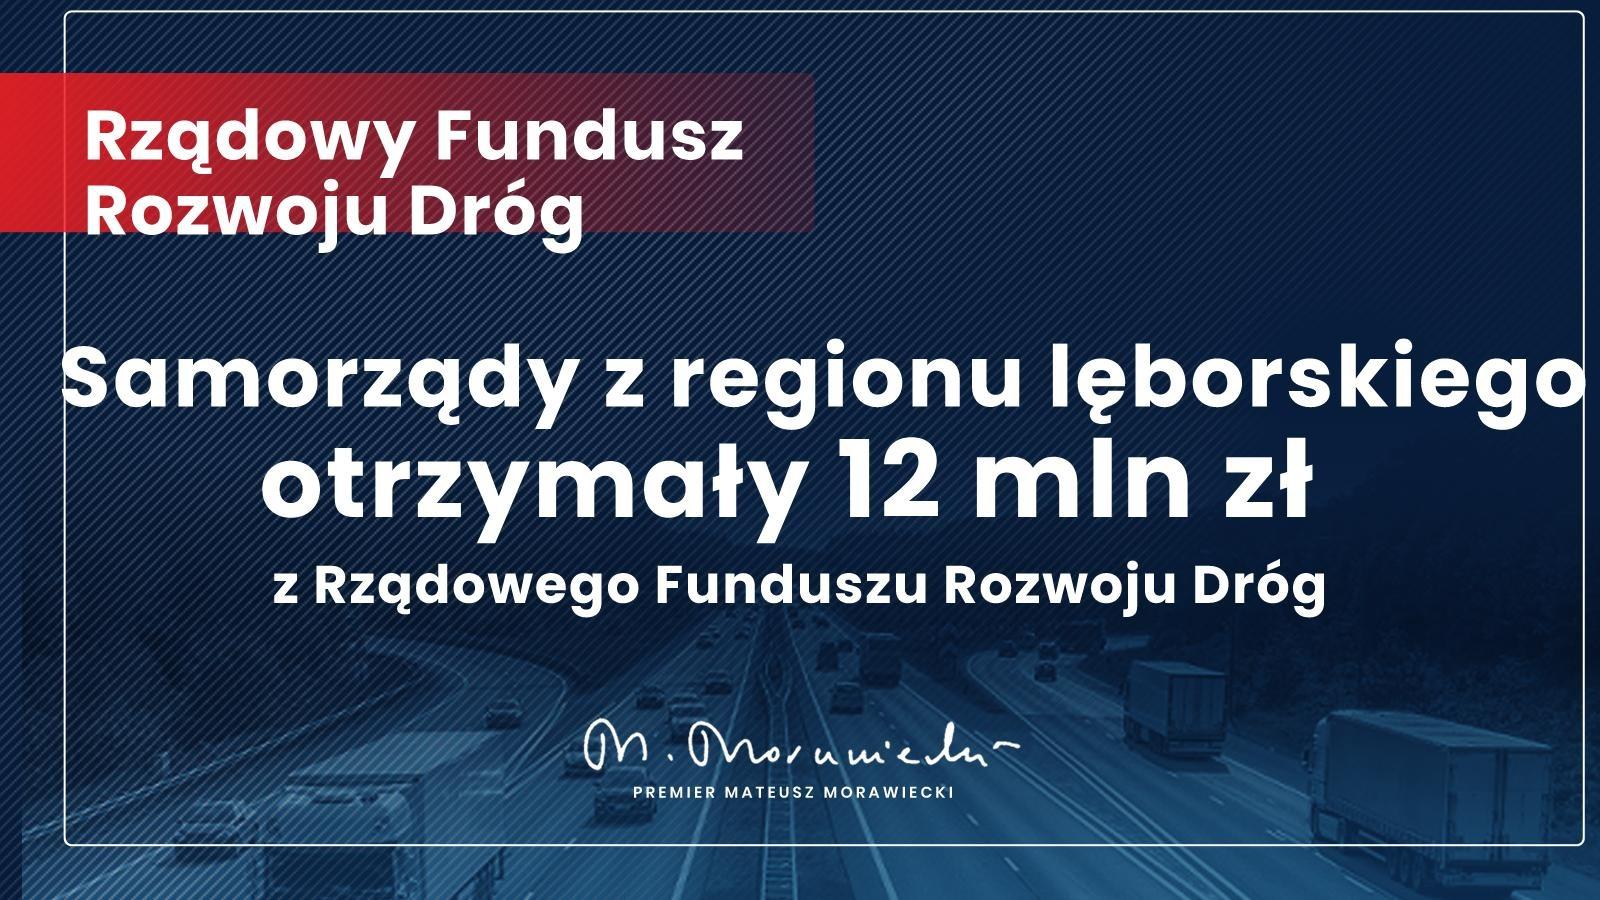 Region lęborski w ramach Rządowego Funduszu Rozwoju Dróg otrzymał 12 mln zł.